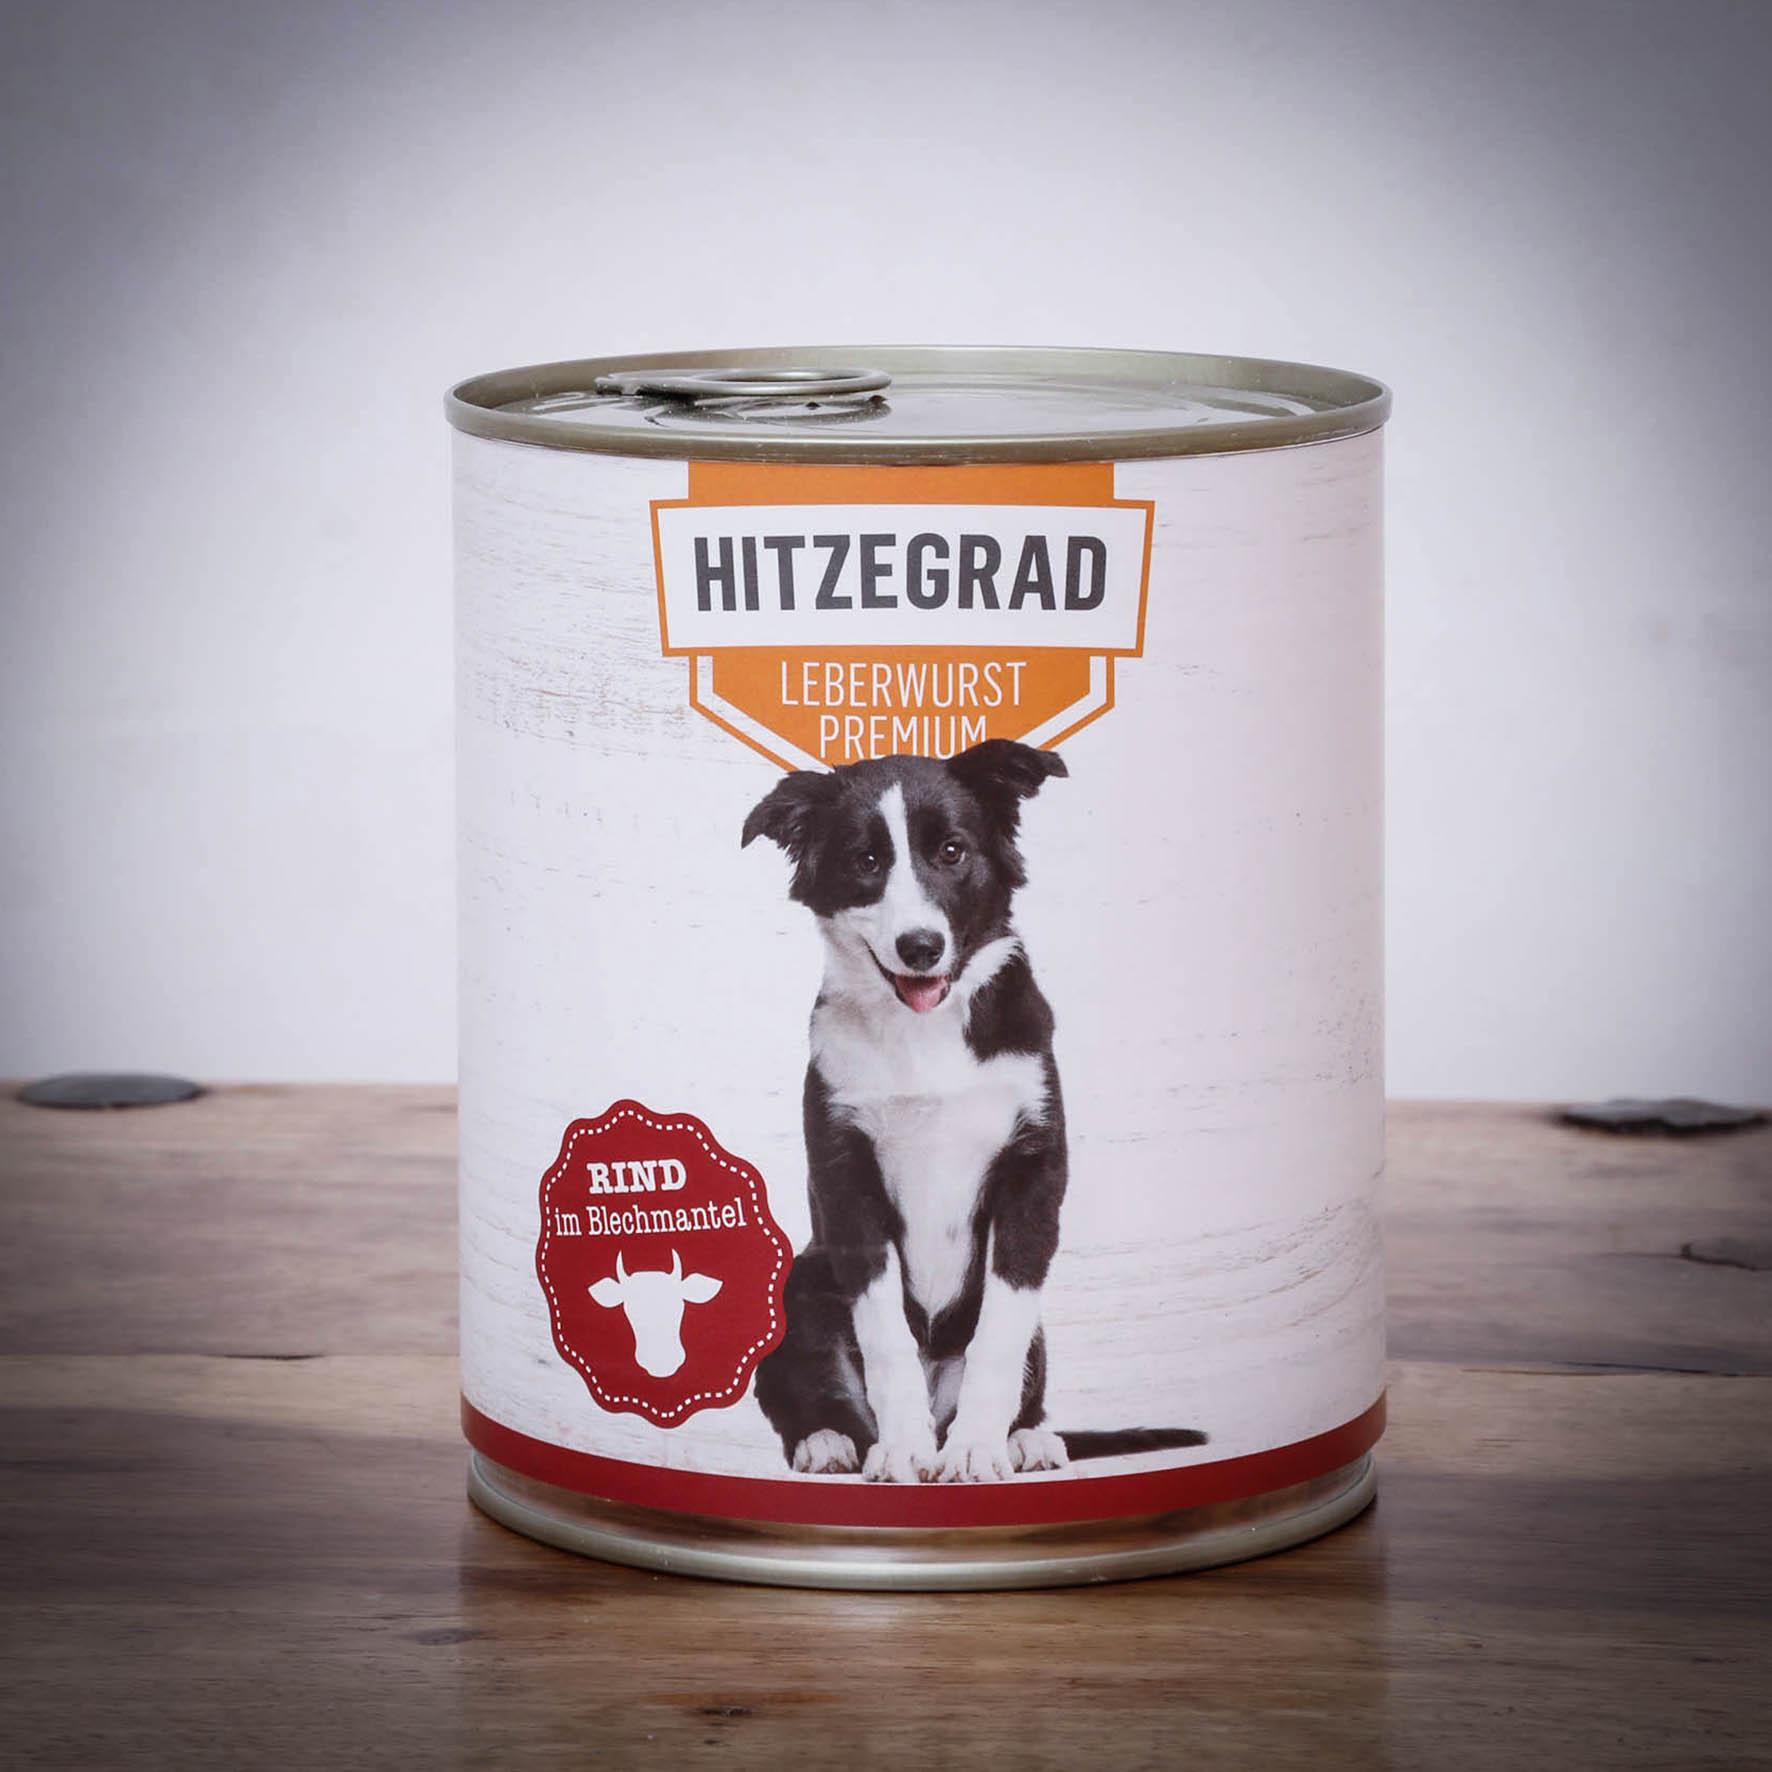 Hitzegrad - Leberwurst, 400g für Hunde